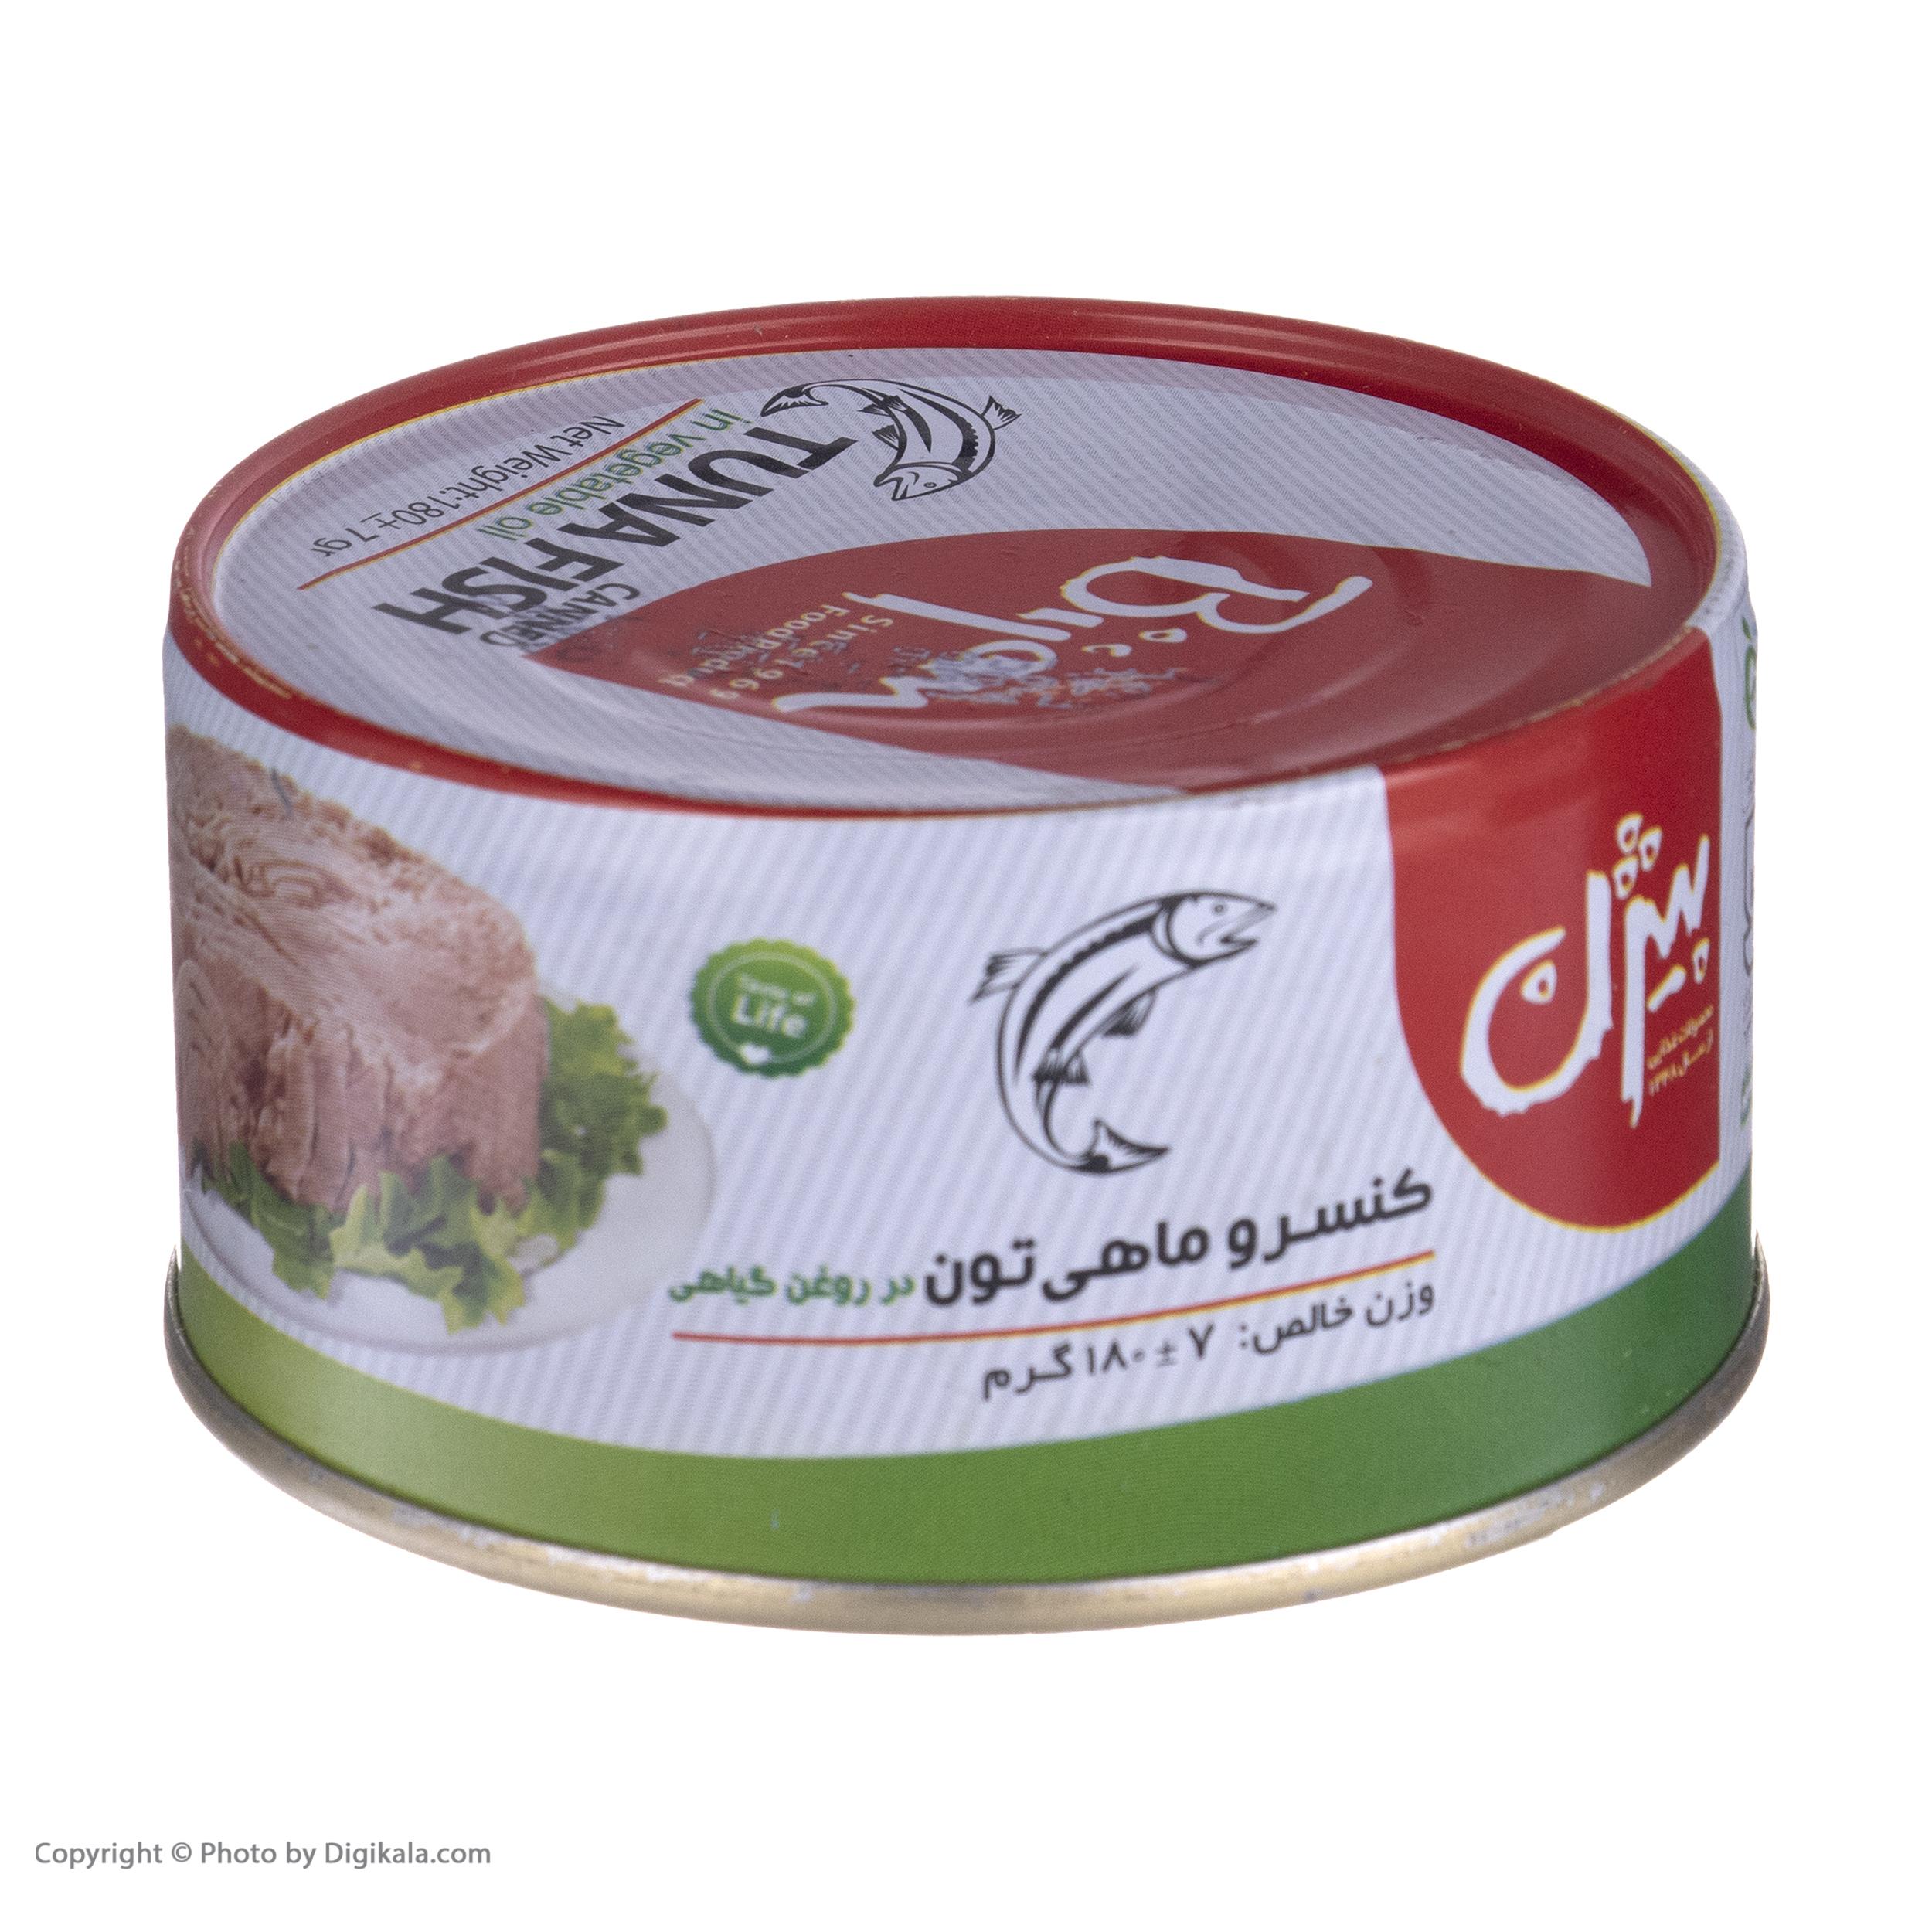 کنسرو ماهی تون در روغن گیاهی بیژن - 180 گرم main 1 1